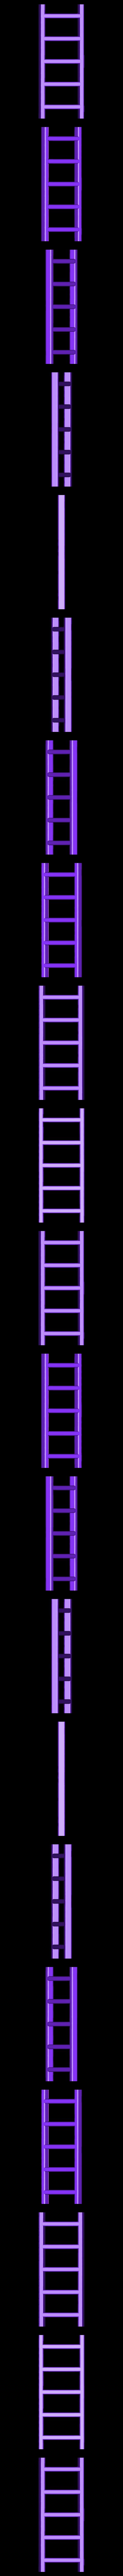 Ladder_(Modular Castle Playset - 3D-printable)_By_CreativeTools.se.stl Télécharger fichier STL gratuit Plateau modulaire de château (imprimable en 3D) • Modèle à imprimer en 3D, CreativeTools